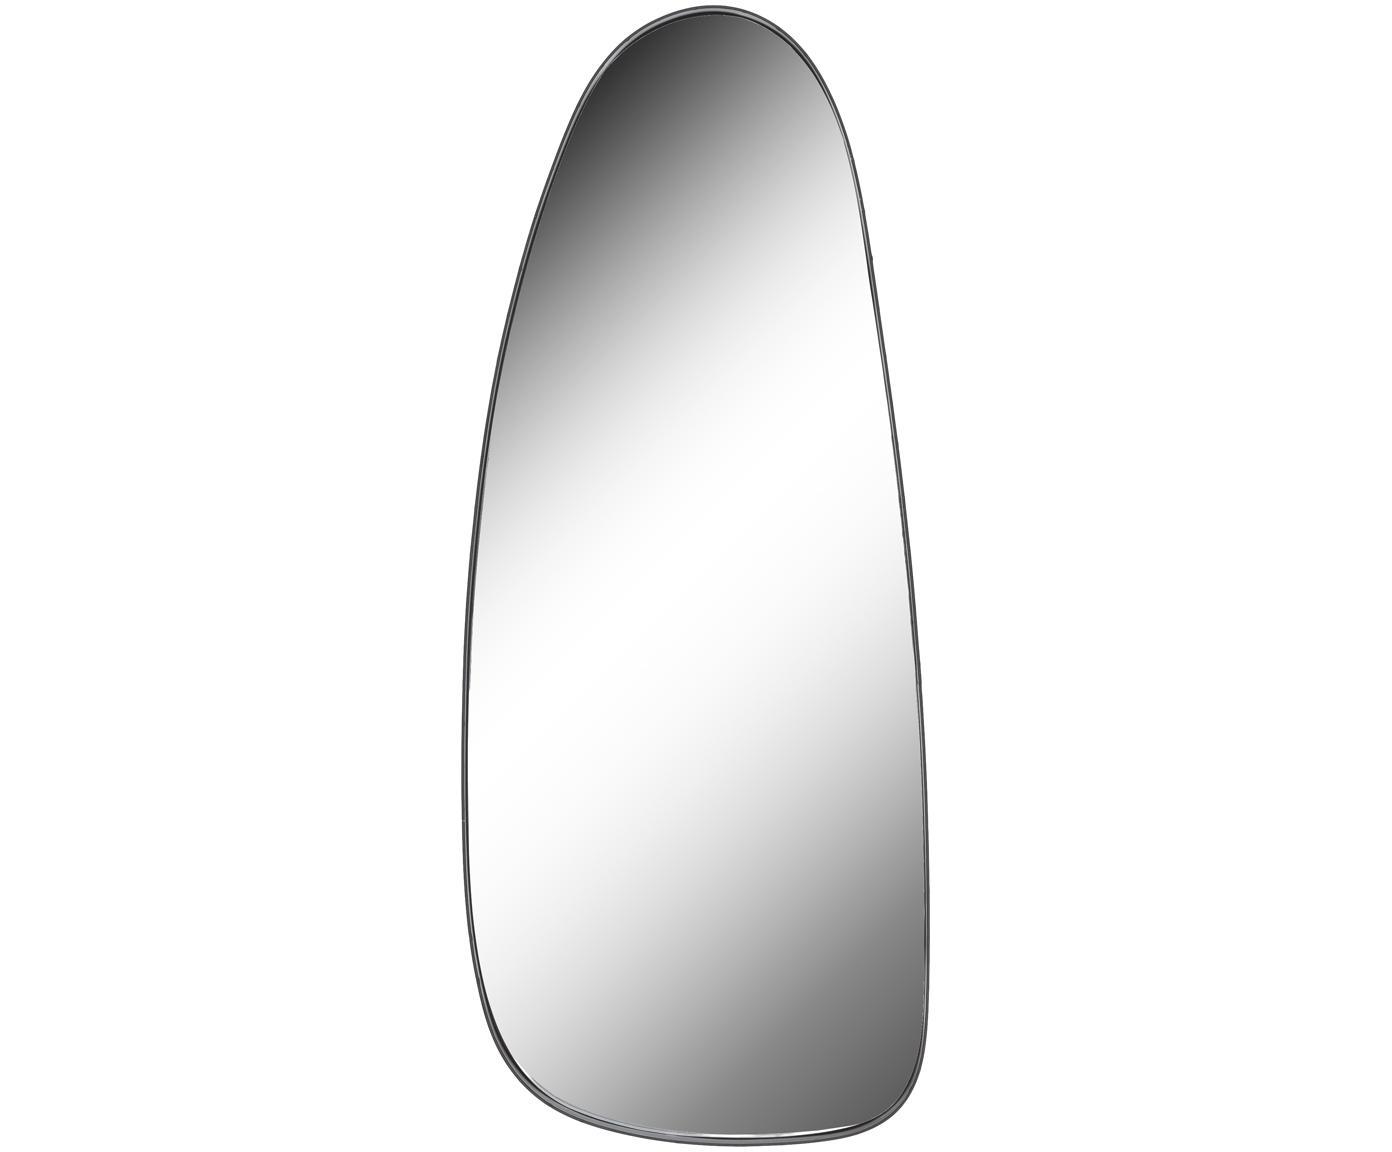 Ovaler Wandspiegel Codoll mit schwarzem Metallrahmen, Rahmen: Metall, lackiert, Spiegelfläche: Spiegelglas, Rahmen: SchwarzSpiegelfläche: Spiegelglas, 39 x 95 cm